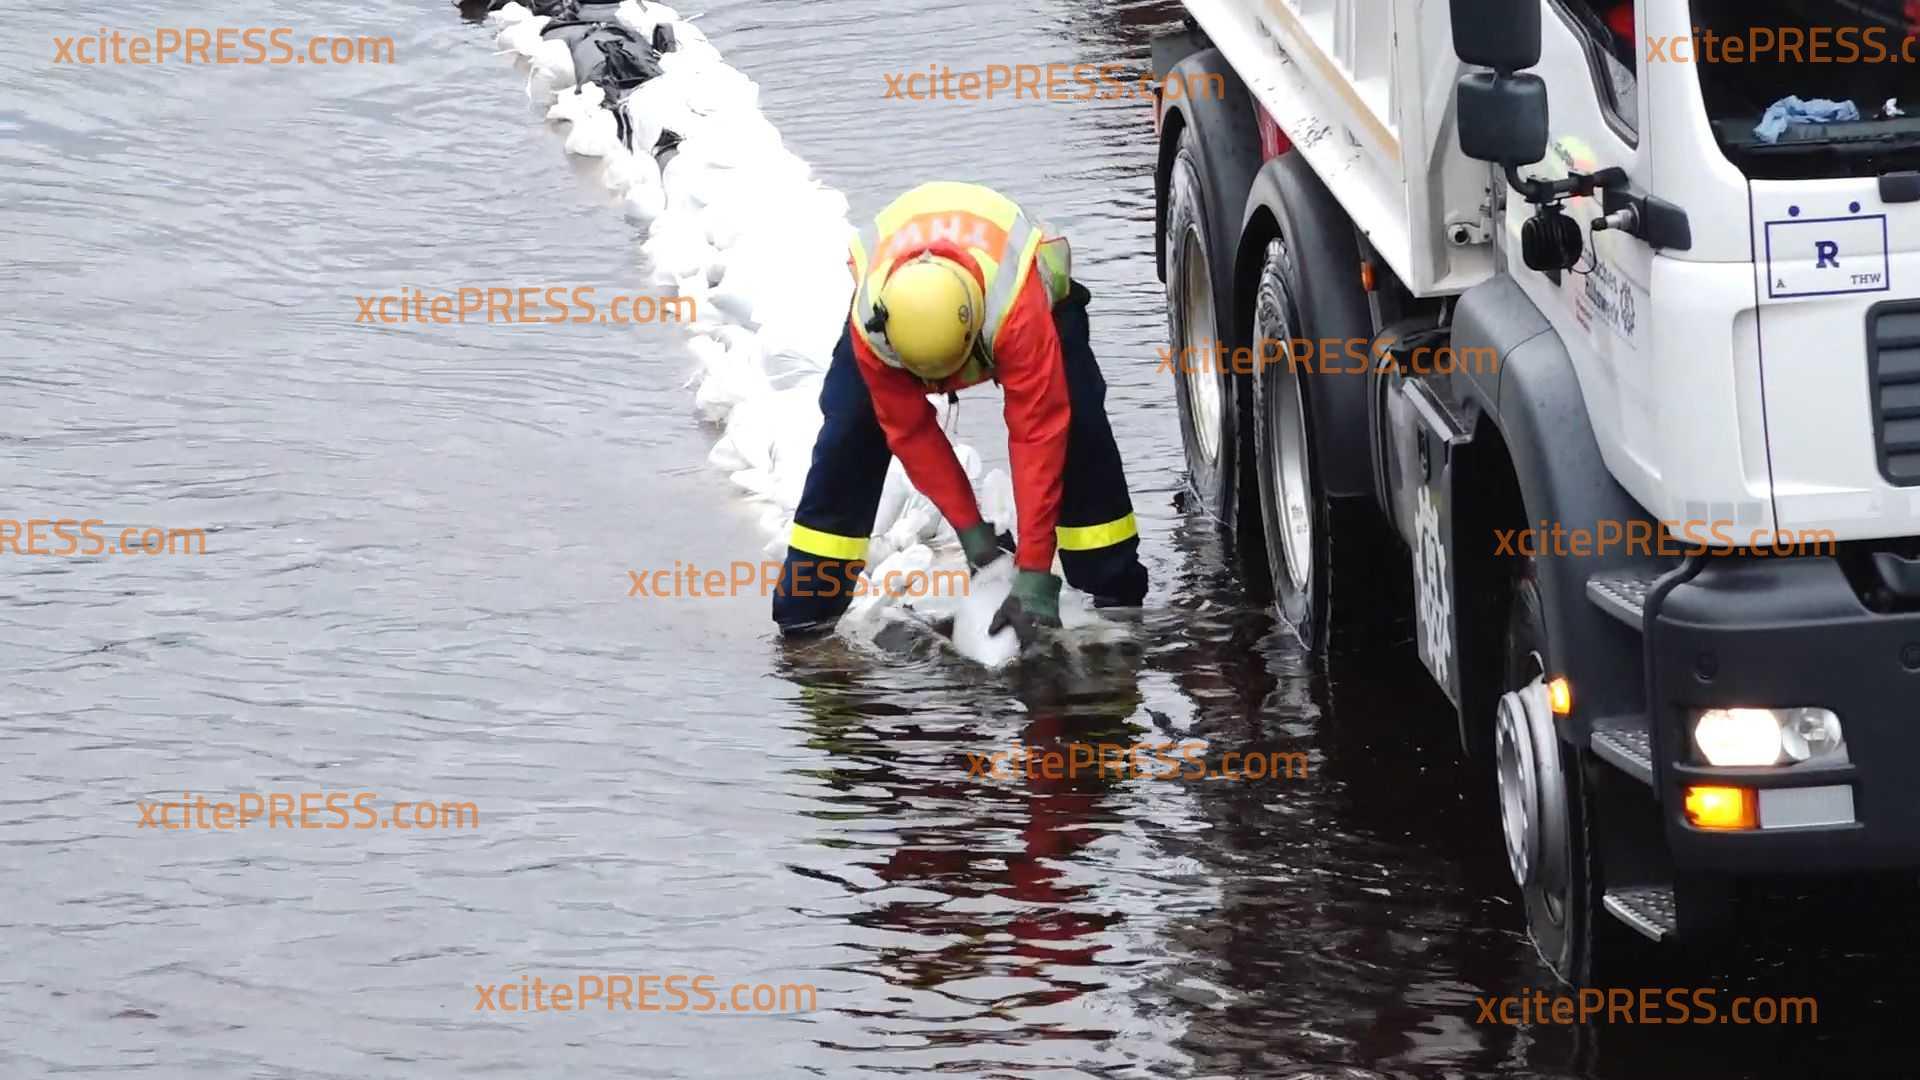 Unwetter überflutet die Autobahn 8 - Feuerwehr und THW sichert zweite Fahrspur mit Sandsäcken: Wasser drückt nach Regen weiter vom Feld auf die Autobahn - nochimmer Verkehrsbehinderungen